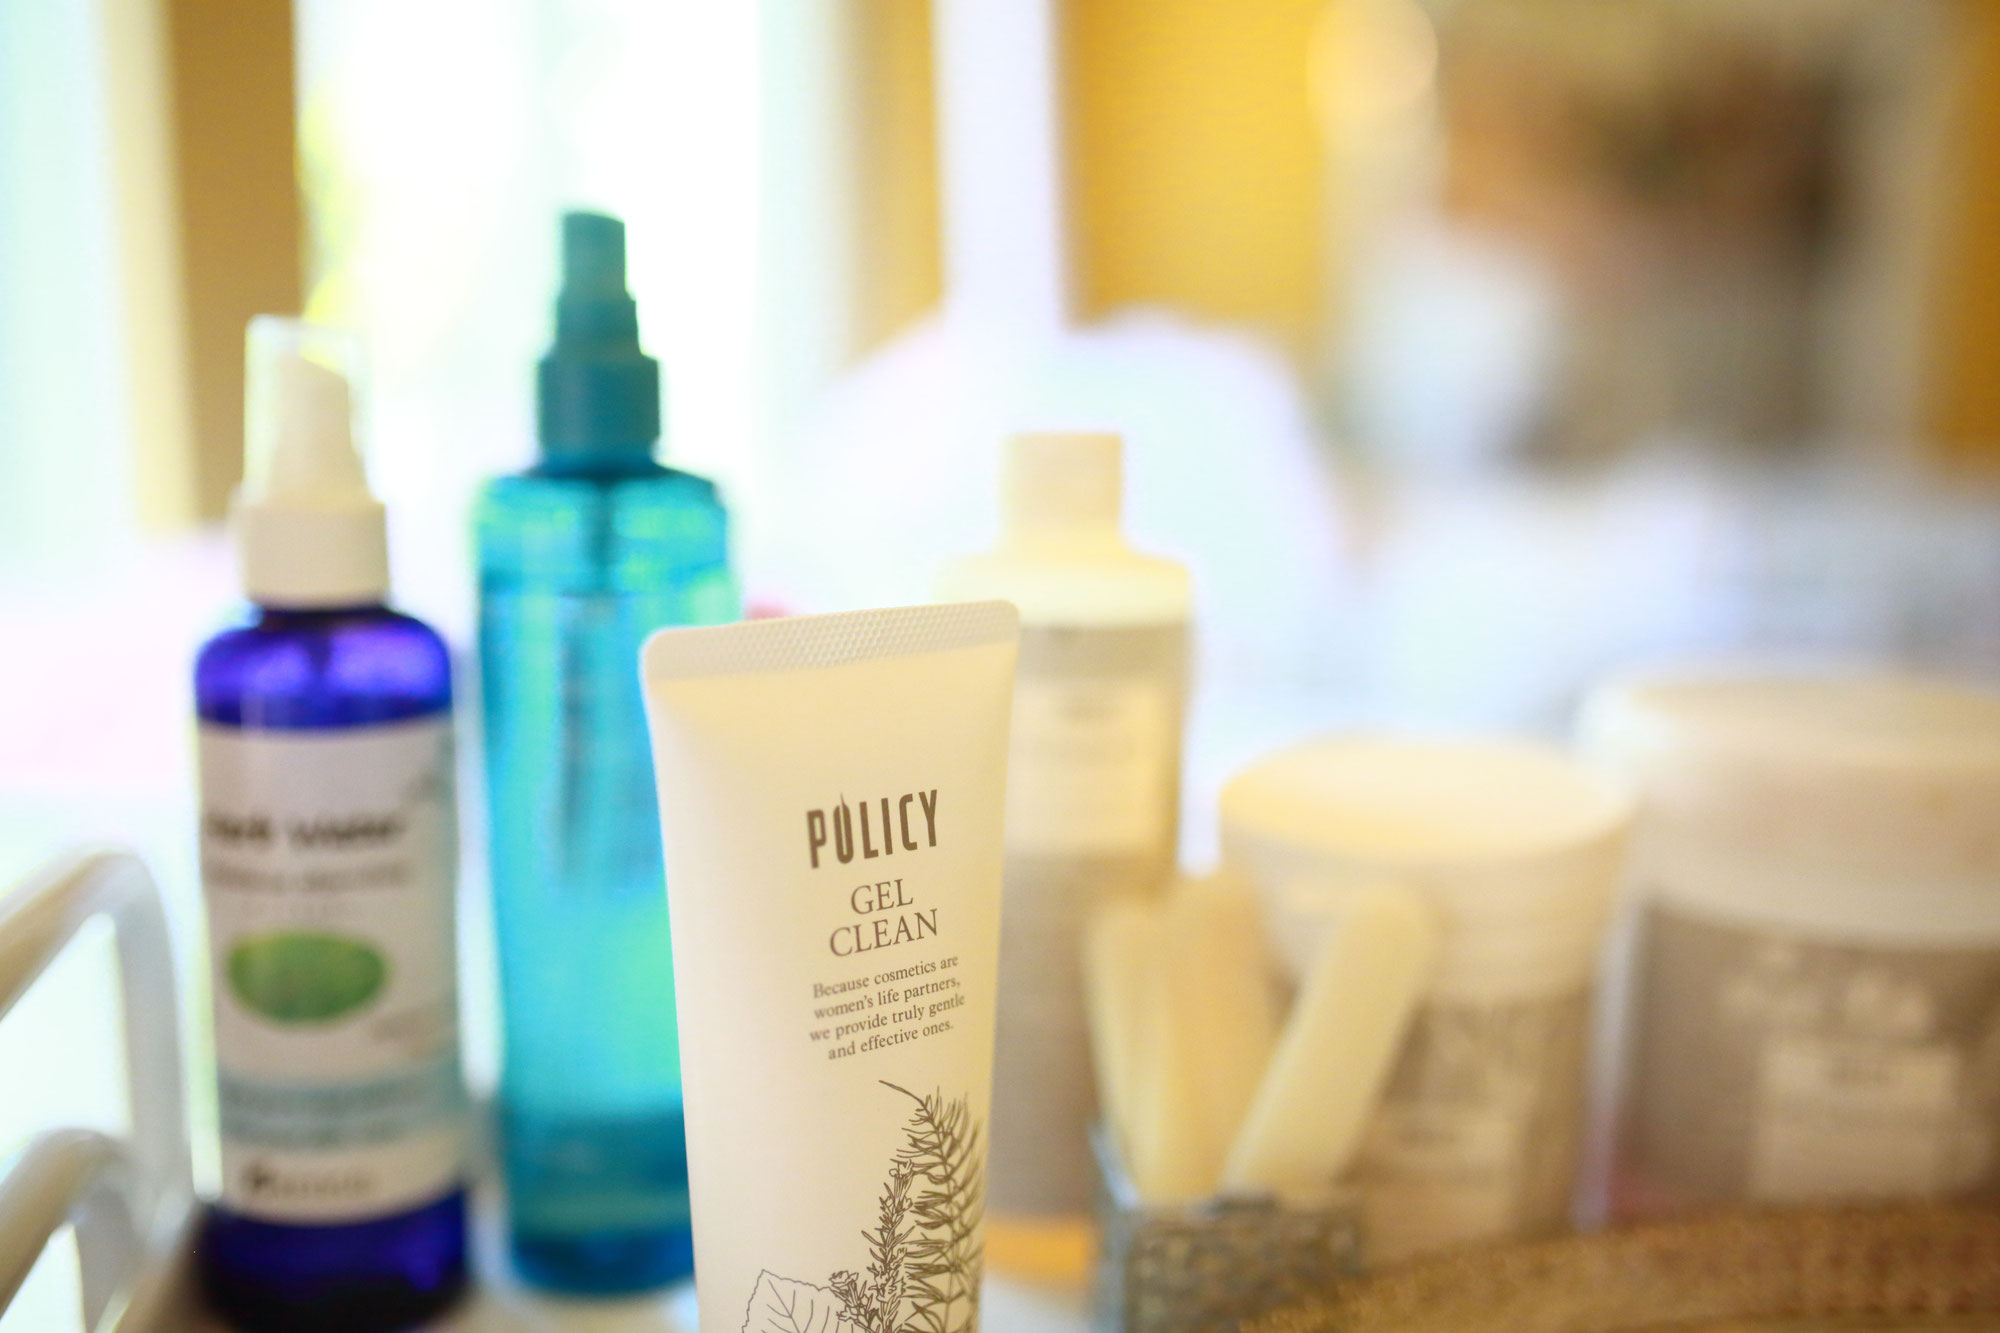 化粧水はコットンを使うのが正解?それとも手でつけるのが正解?